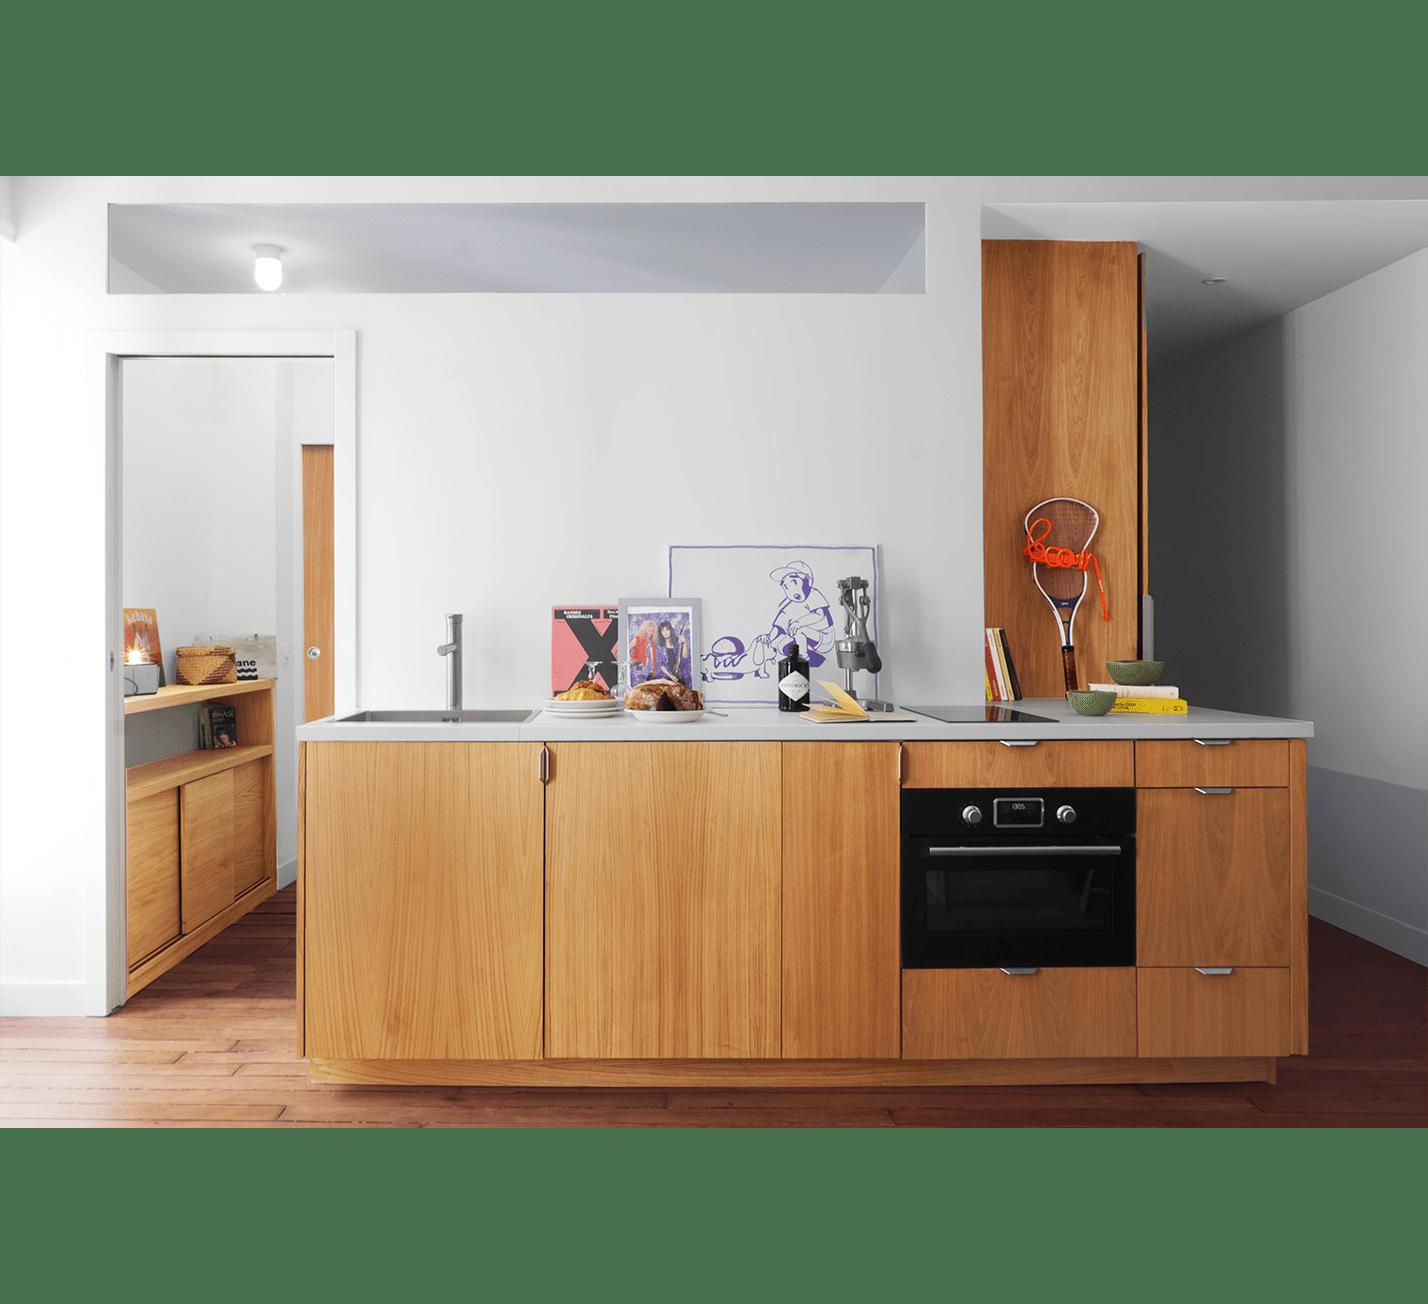 Projet-Montmartre-Atelier-Steve-Pauline-Borgia-Architecture-interieur-05-min